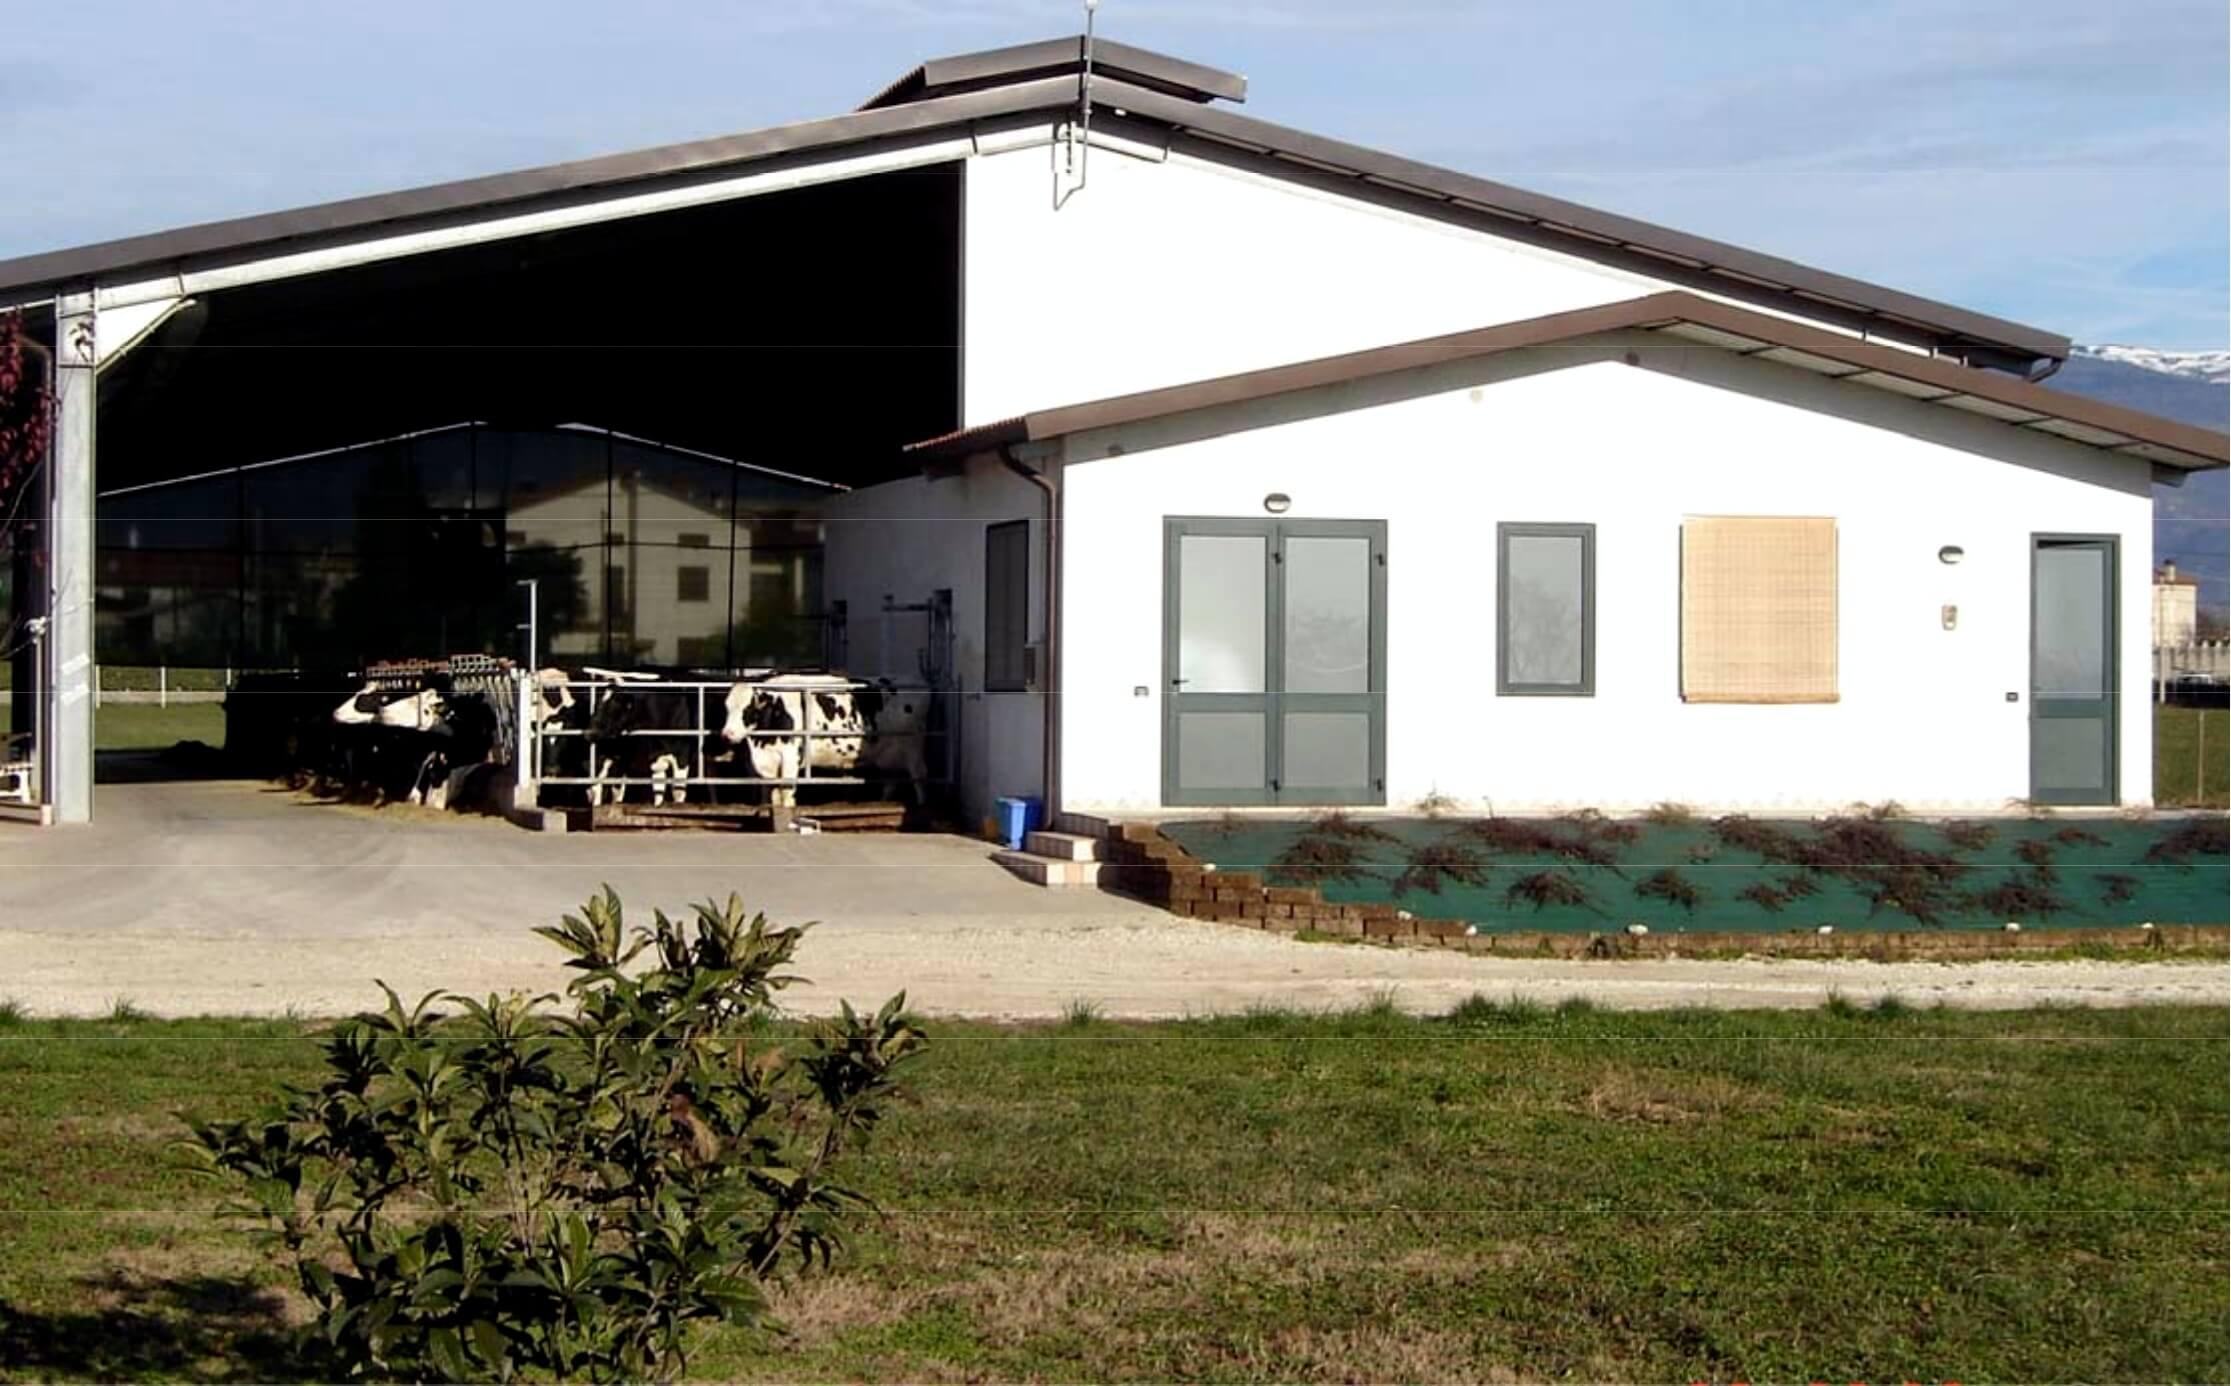 Azienda Agricola Trentin Carlo